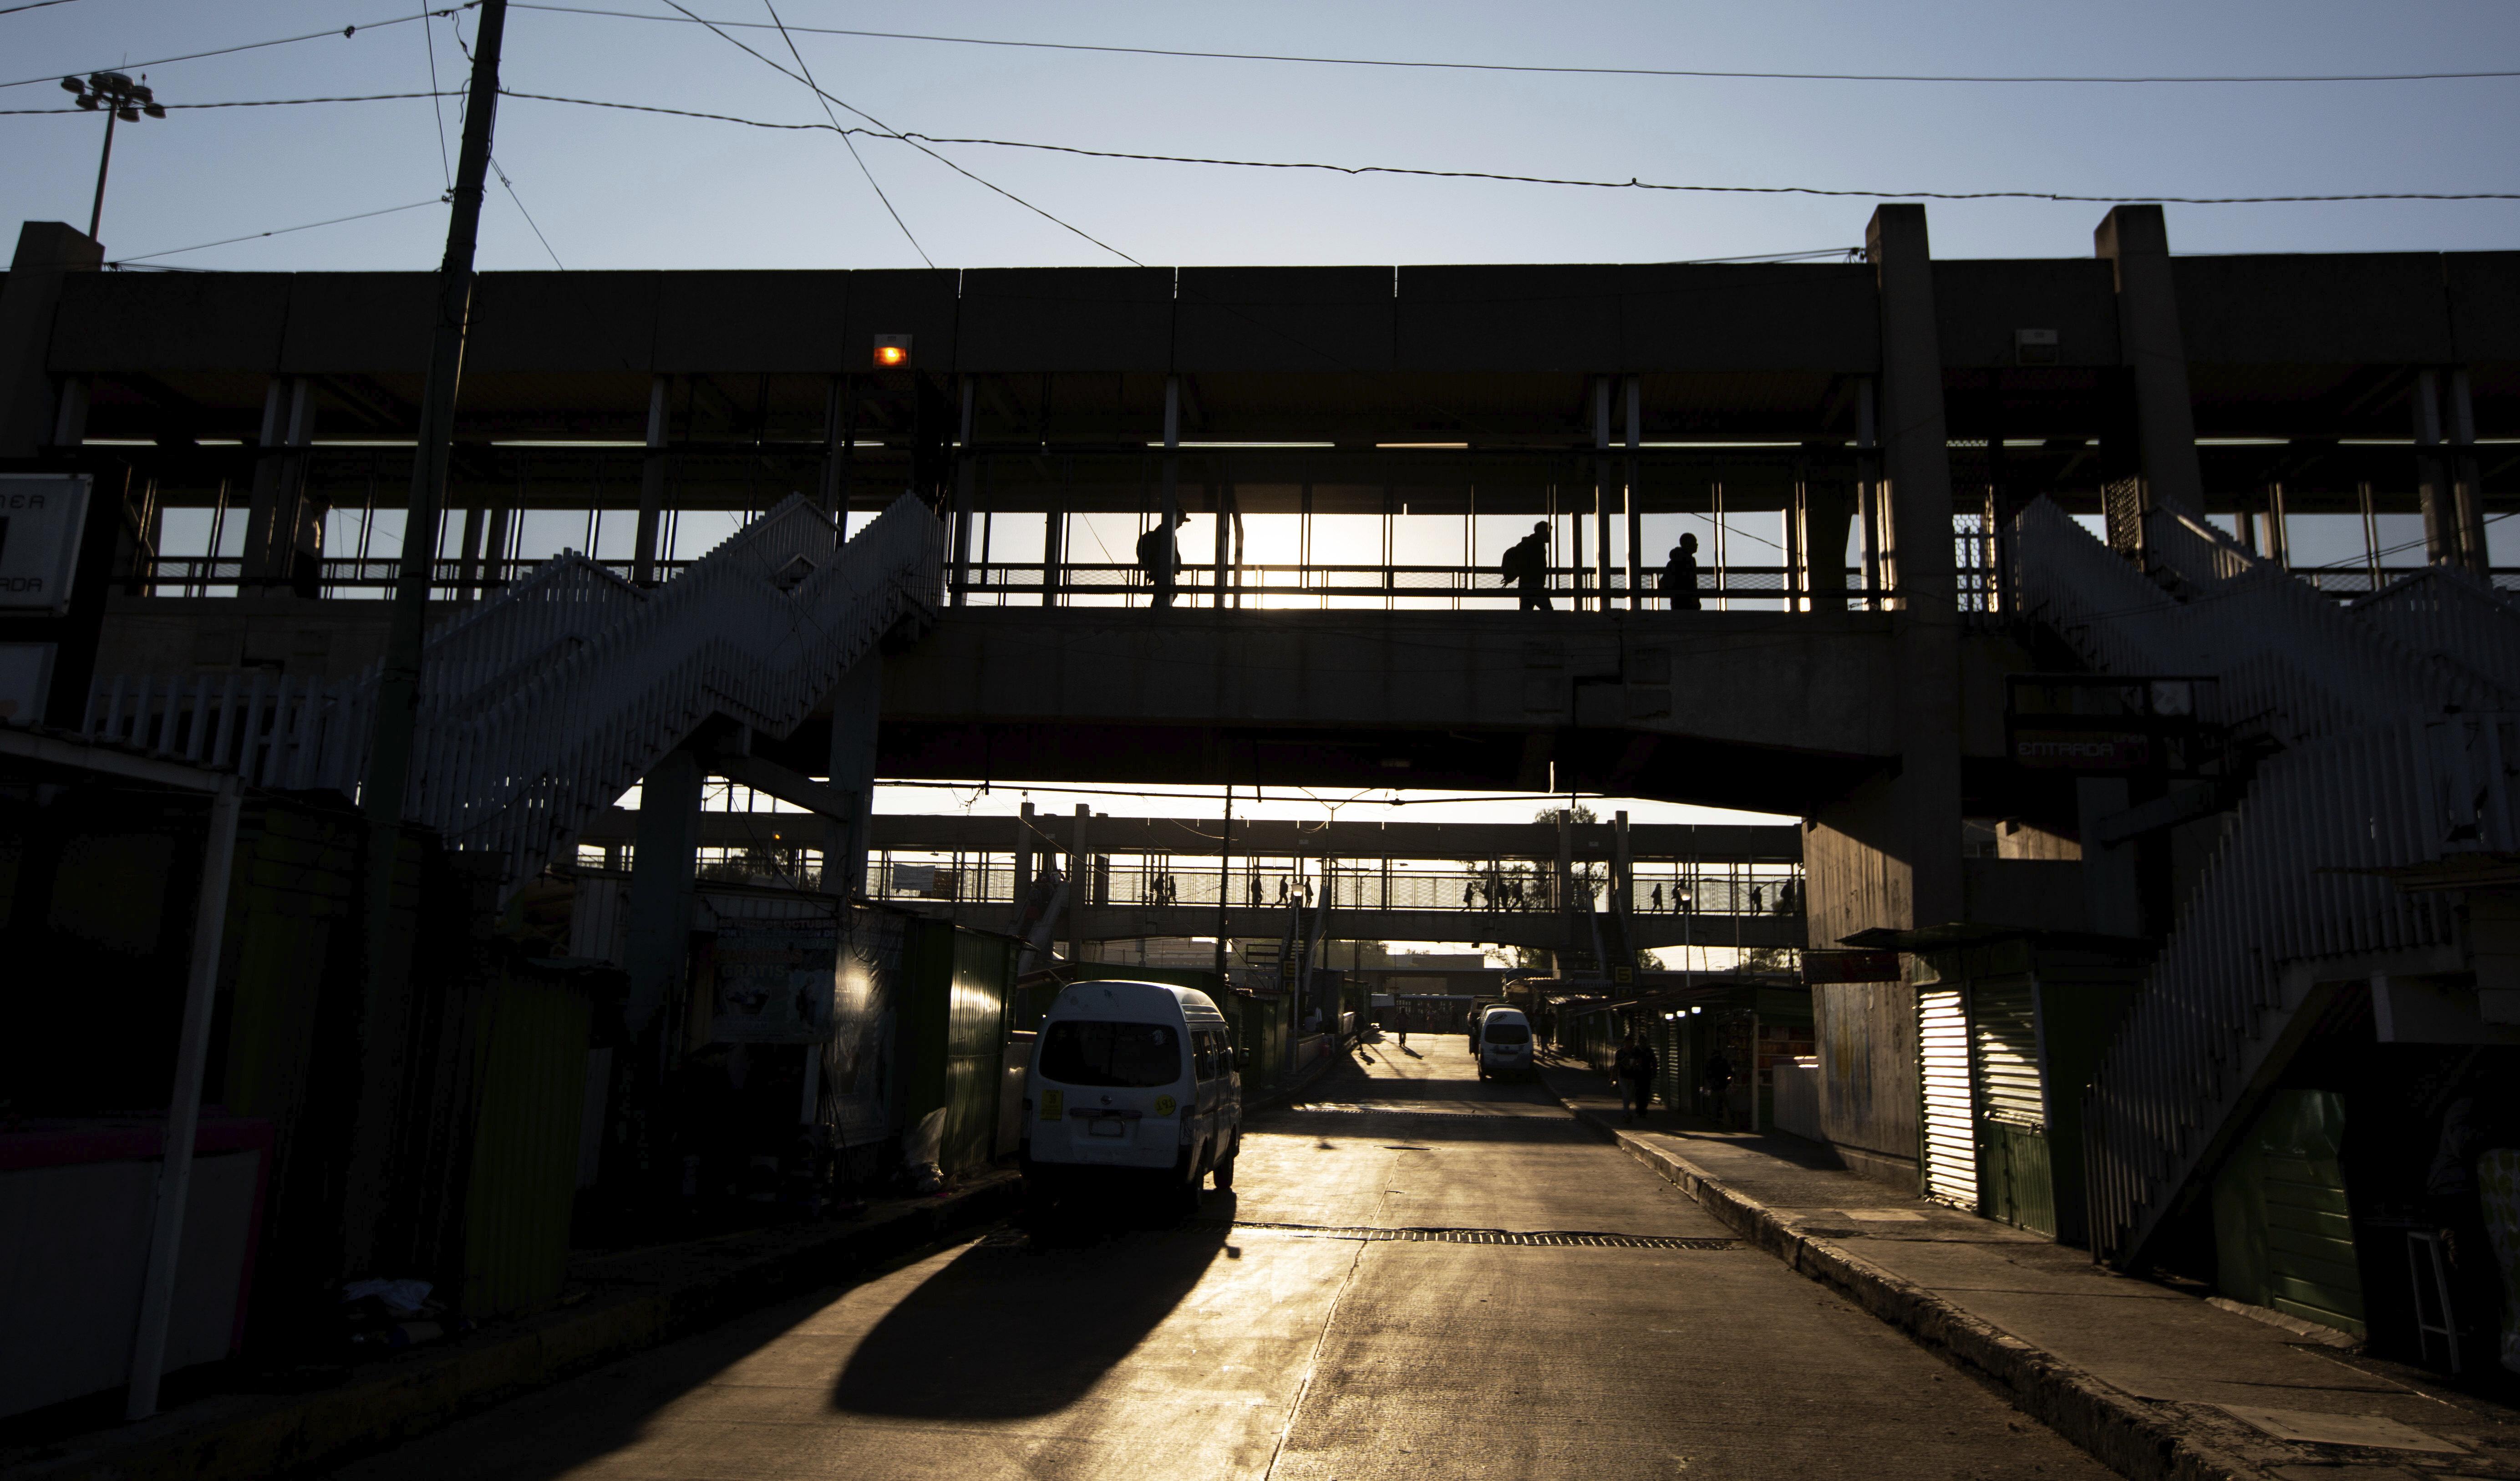 Viajeros del metro caminan por un puente peatonal con el cielo matutino en la Ciudad de México, el miércoles 25 de marzo de 2020. La capital de México ha cerrado museos, bares, gimnasios, iglesias, teatros y otros negocios no esenciales que reúnen una gran cantidad de personas, en un intento por frenar la propagación del nuevo coronavirus.